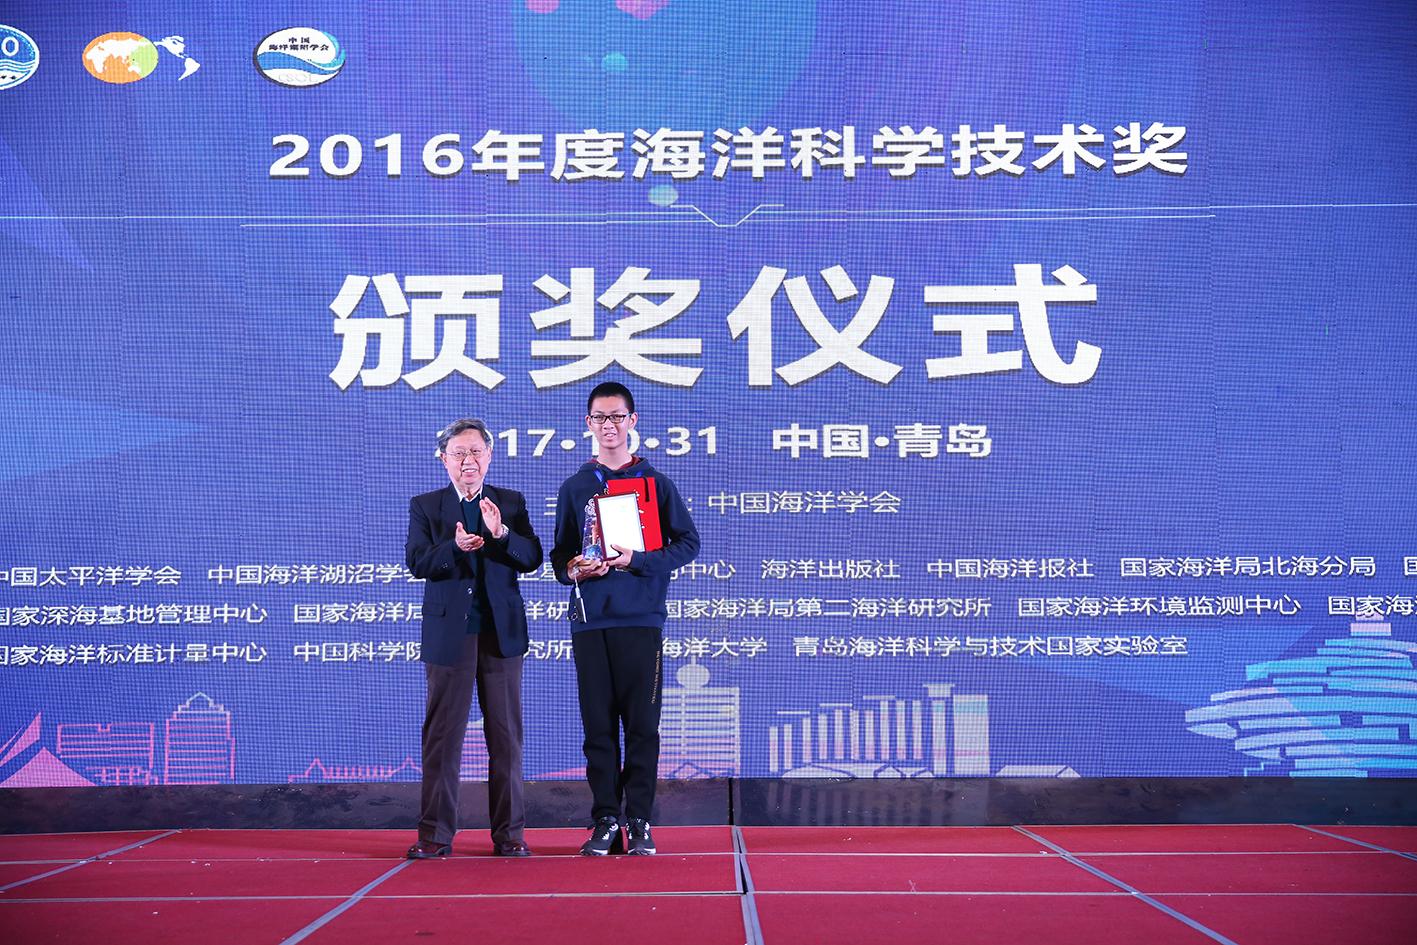 青岛市第三十九中学的庄原,青岛市第二实验初级中学的王萱喆.